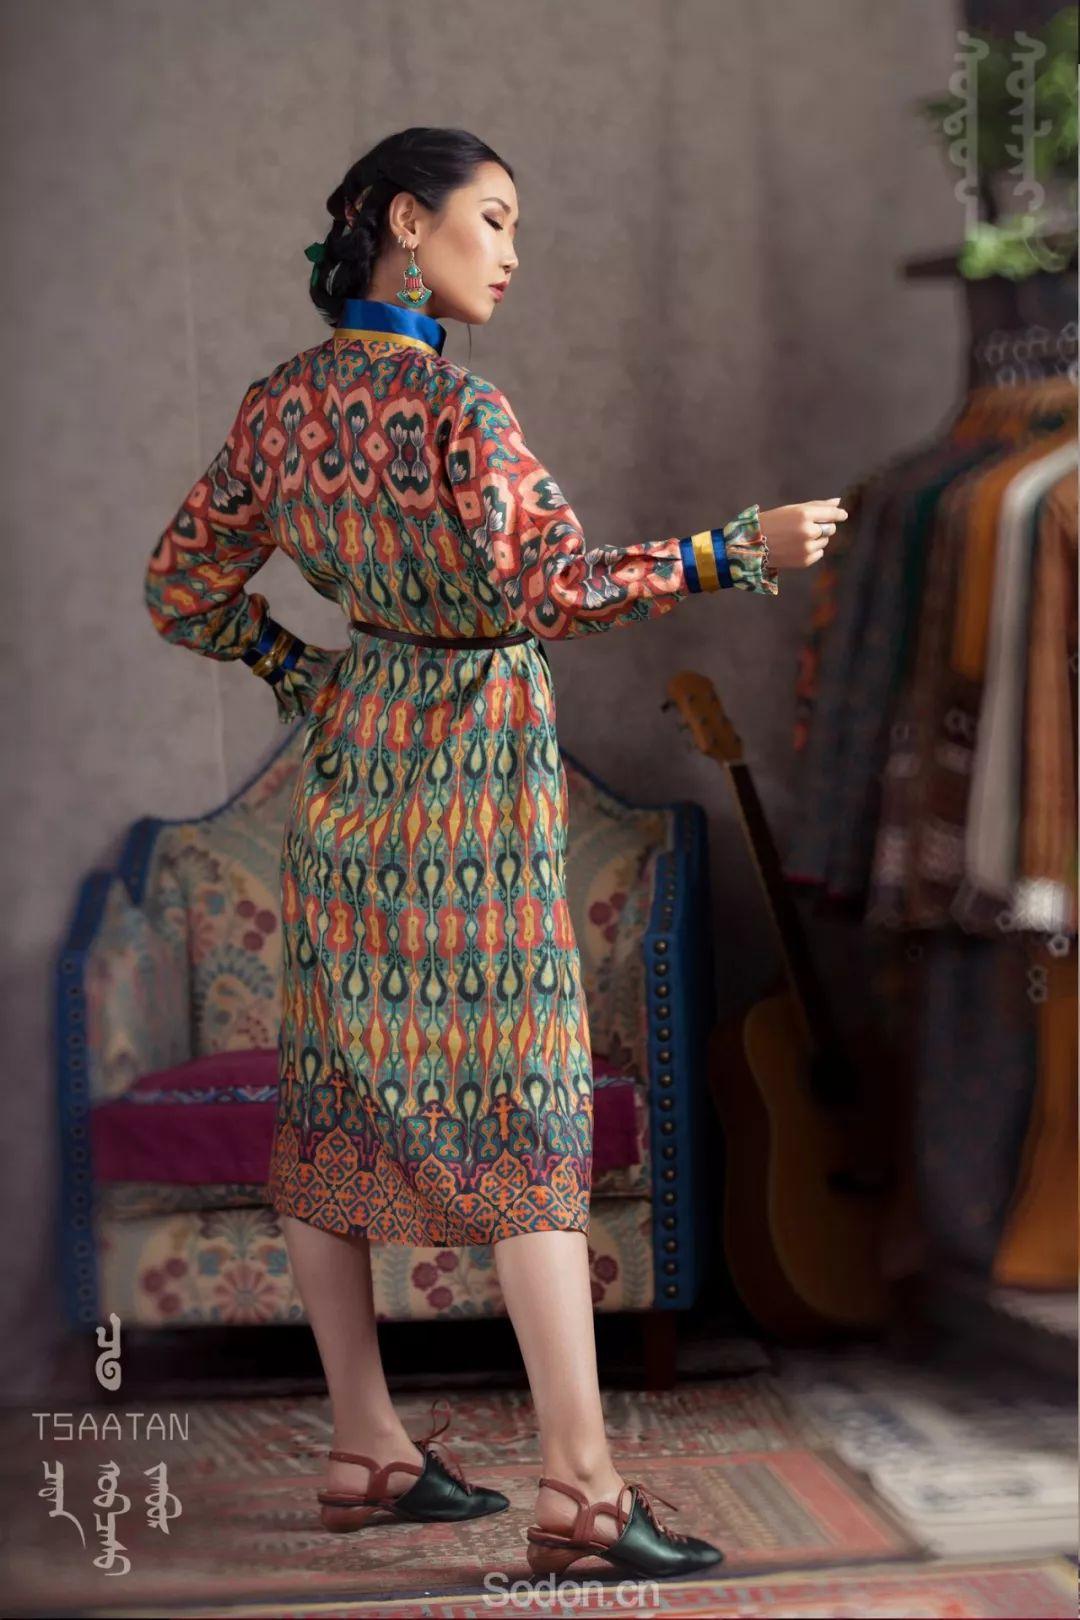 TSAATAN蒙古时装 2019新款,来自驯鹿人的独特魅力! 第71张 TSAATAN蒙古时装 2019新款,来自驯鹿人的独特魅力! 蒙古服饰